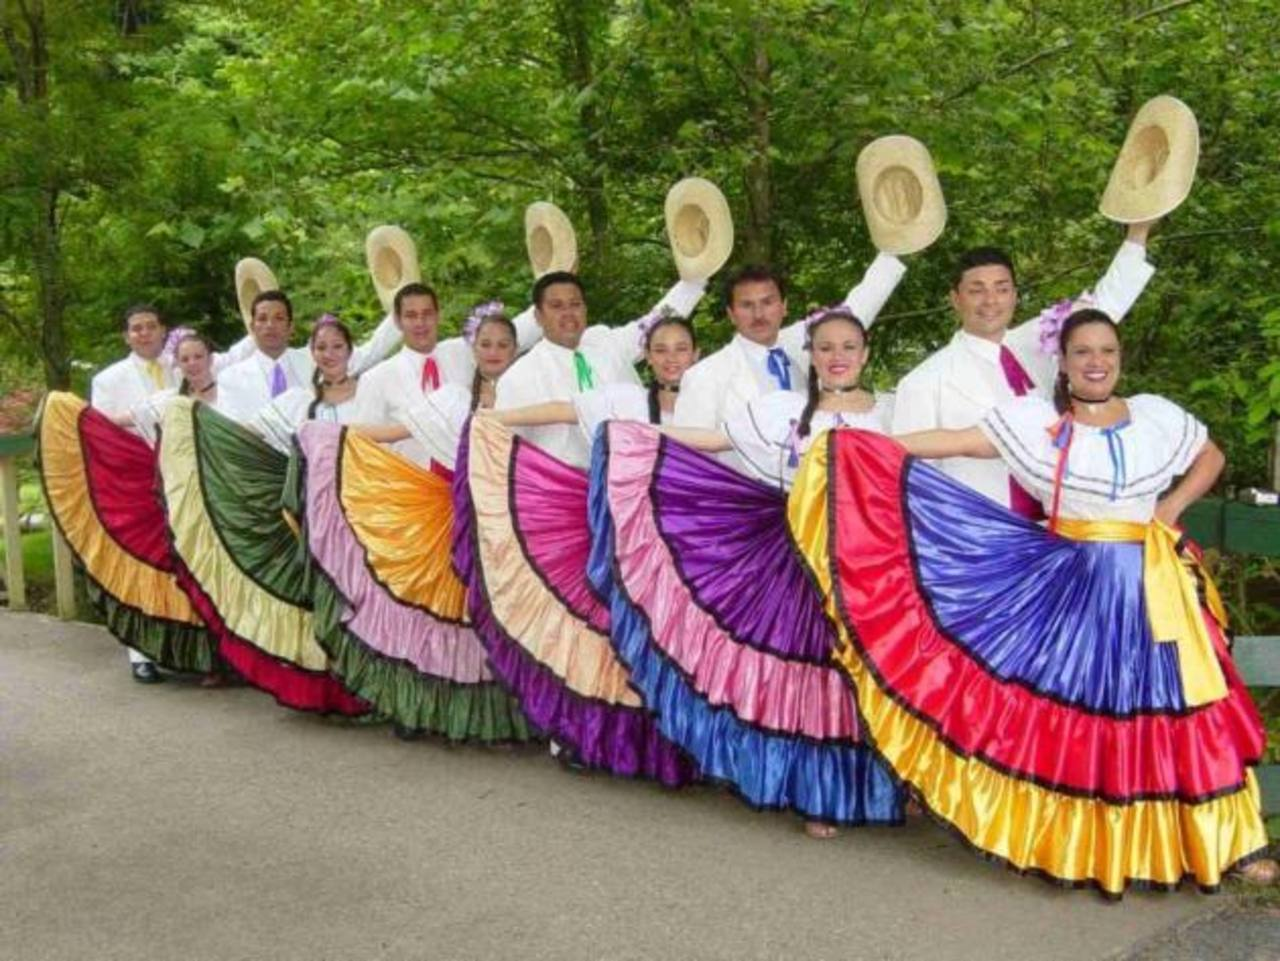 Artesanía, gastronomía, música y danza costarricense es parte de lo que promoverán como oferta turística en ese país.